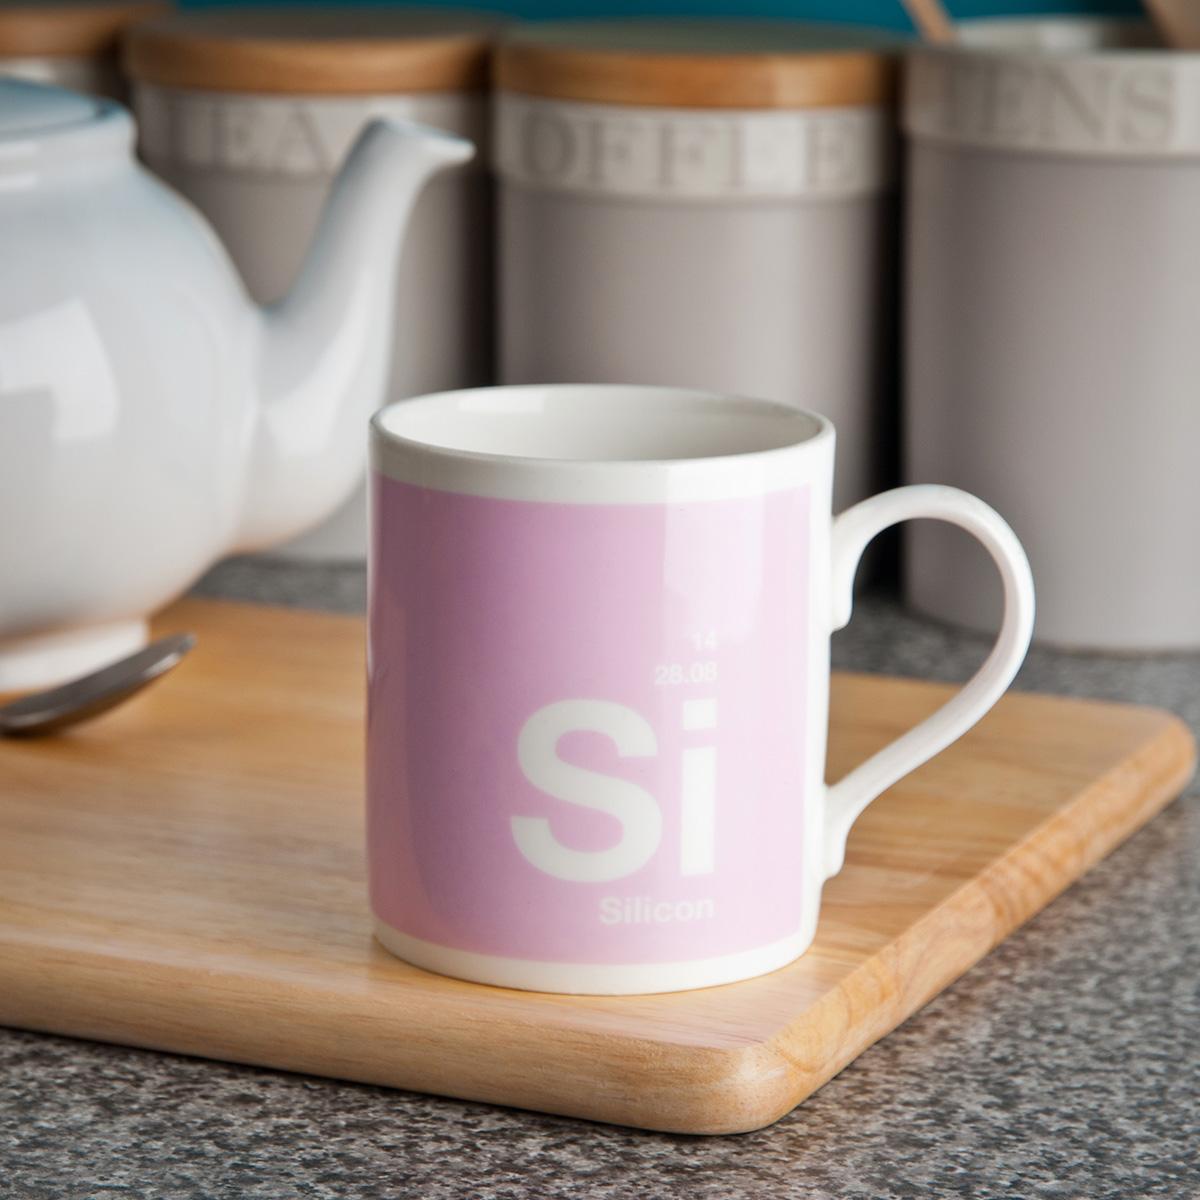 Silicon - The Surgically Enhanced Element - Bone China Mug